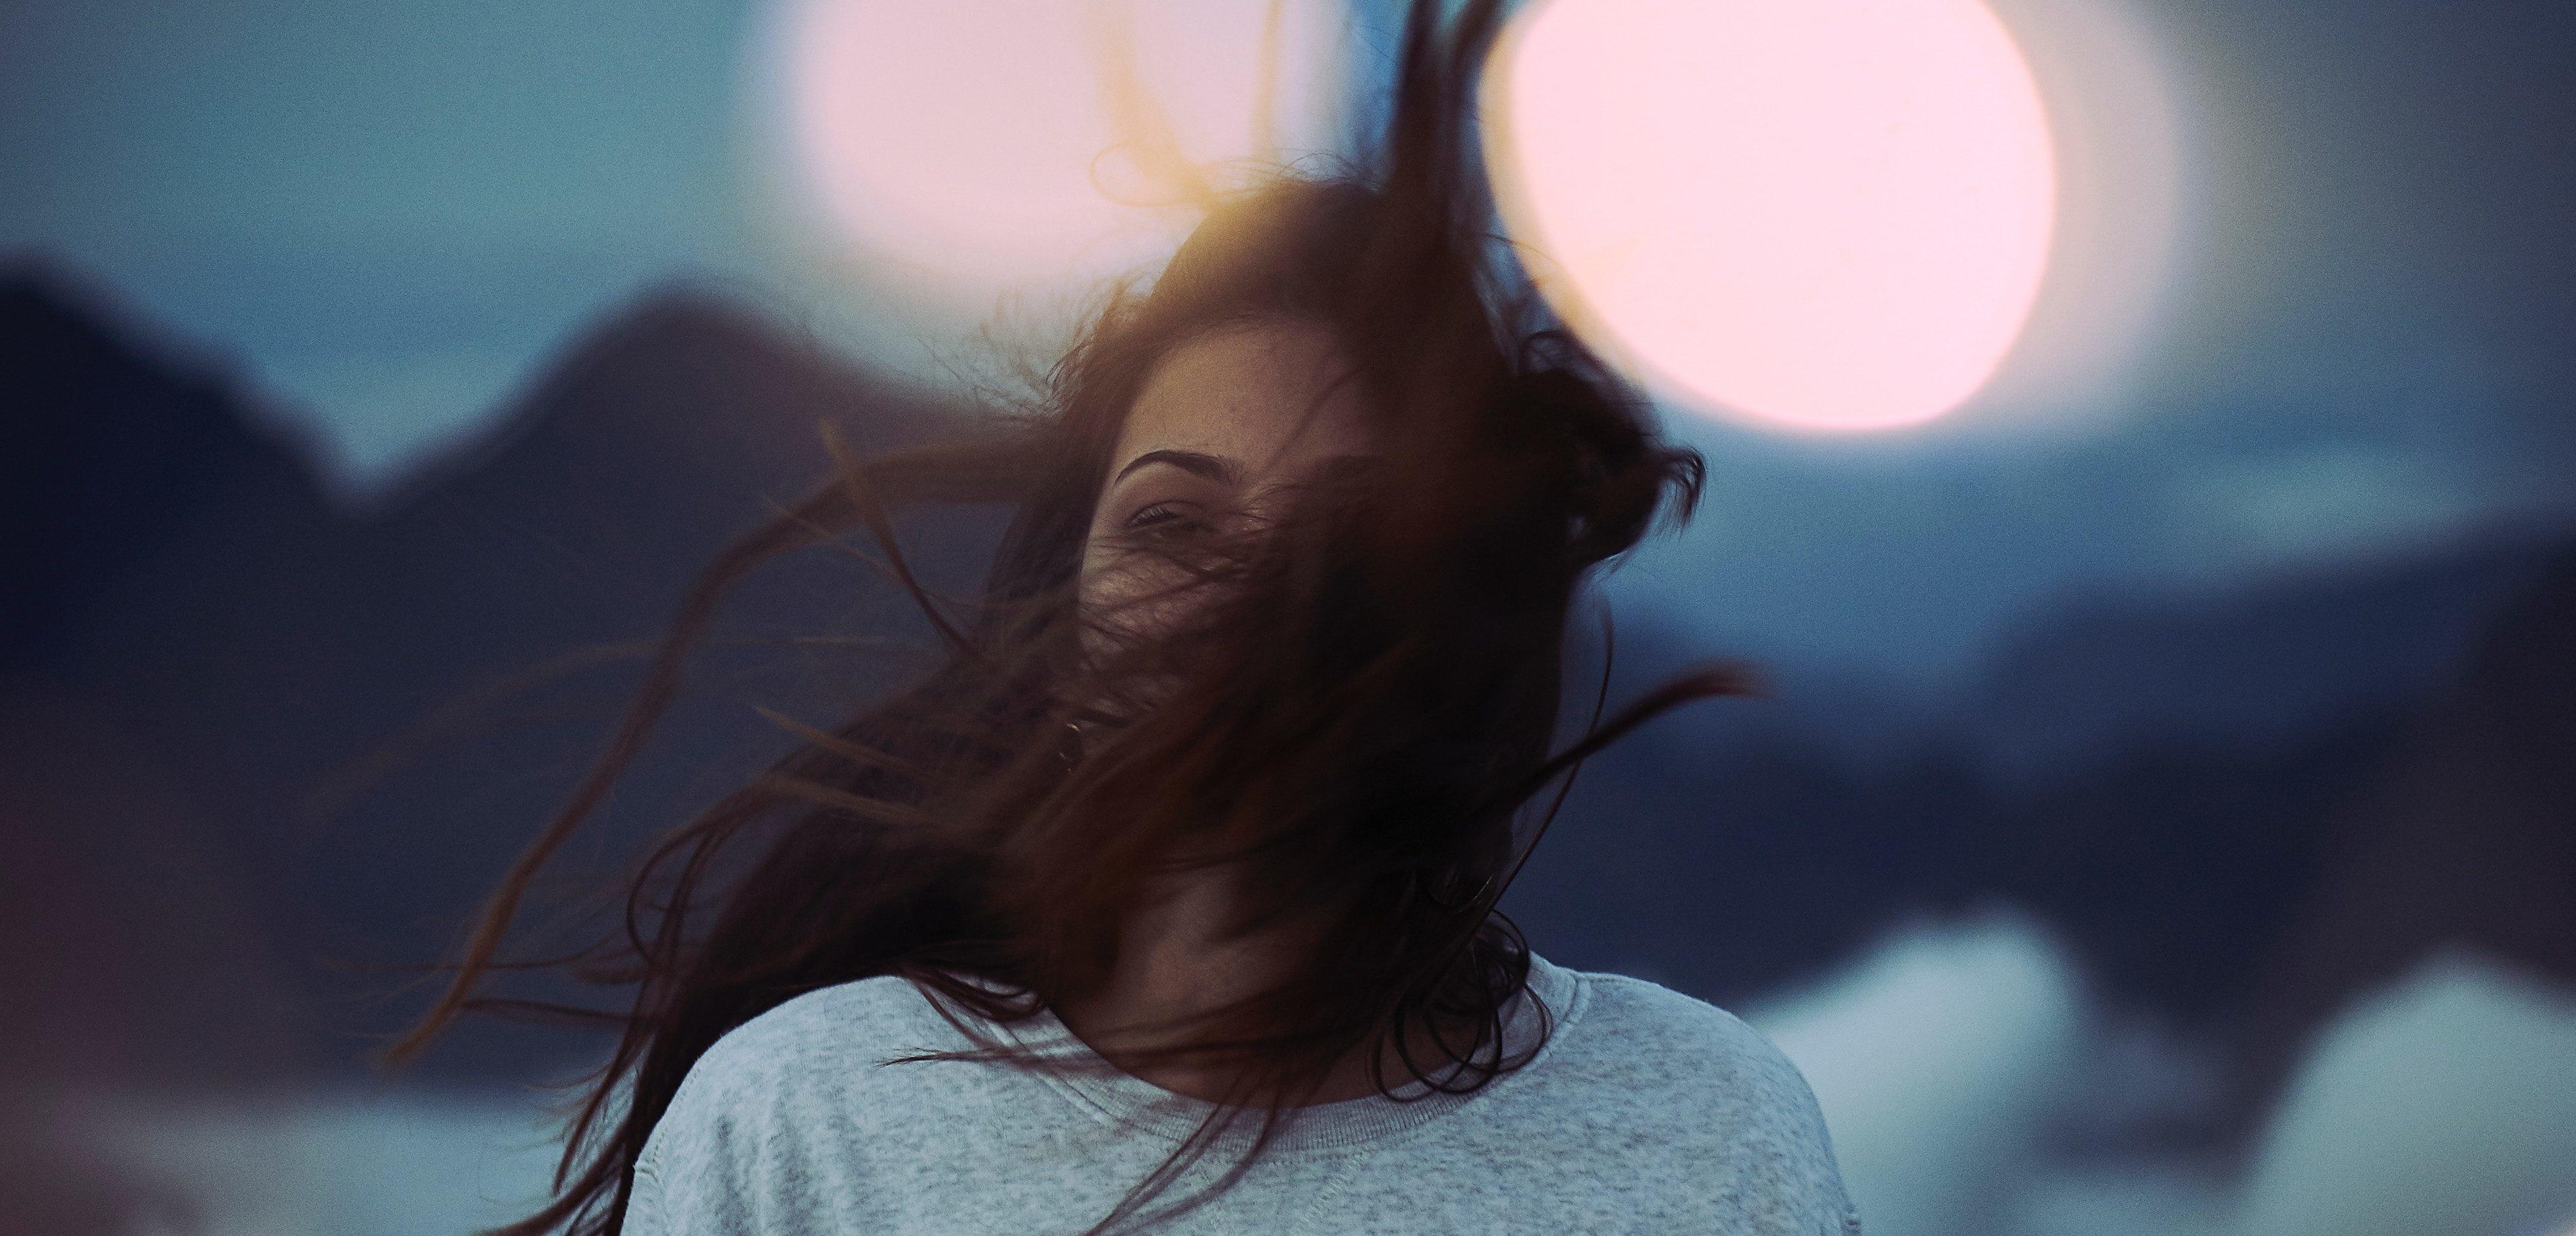 Quelle Est La Meilleure Lune Pour Se Couper Les Cheveux En 2019